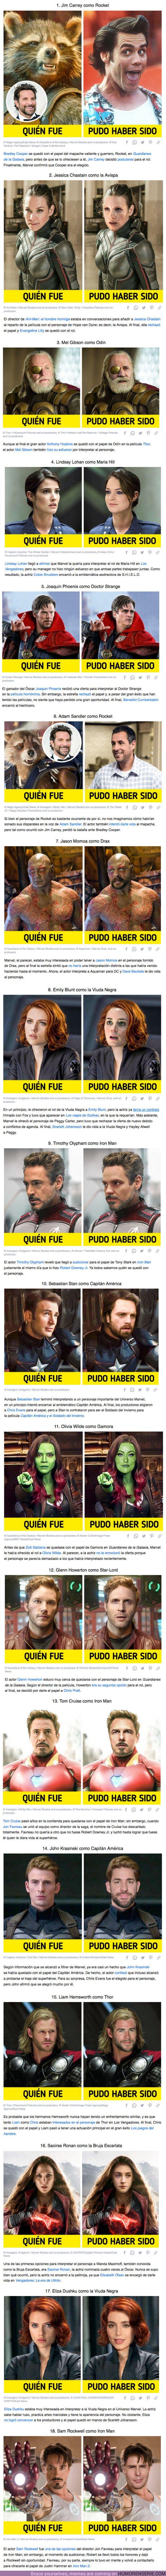 69128 - GALERÍA: 18 Actores que casi se quedaron con los personajes de Marvel en lugar del reparto oficial